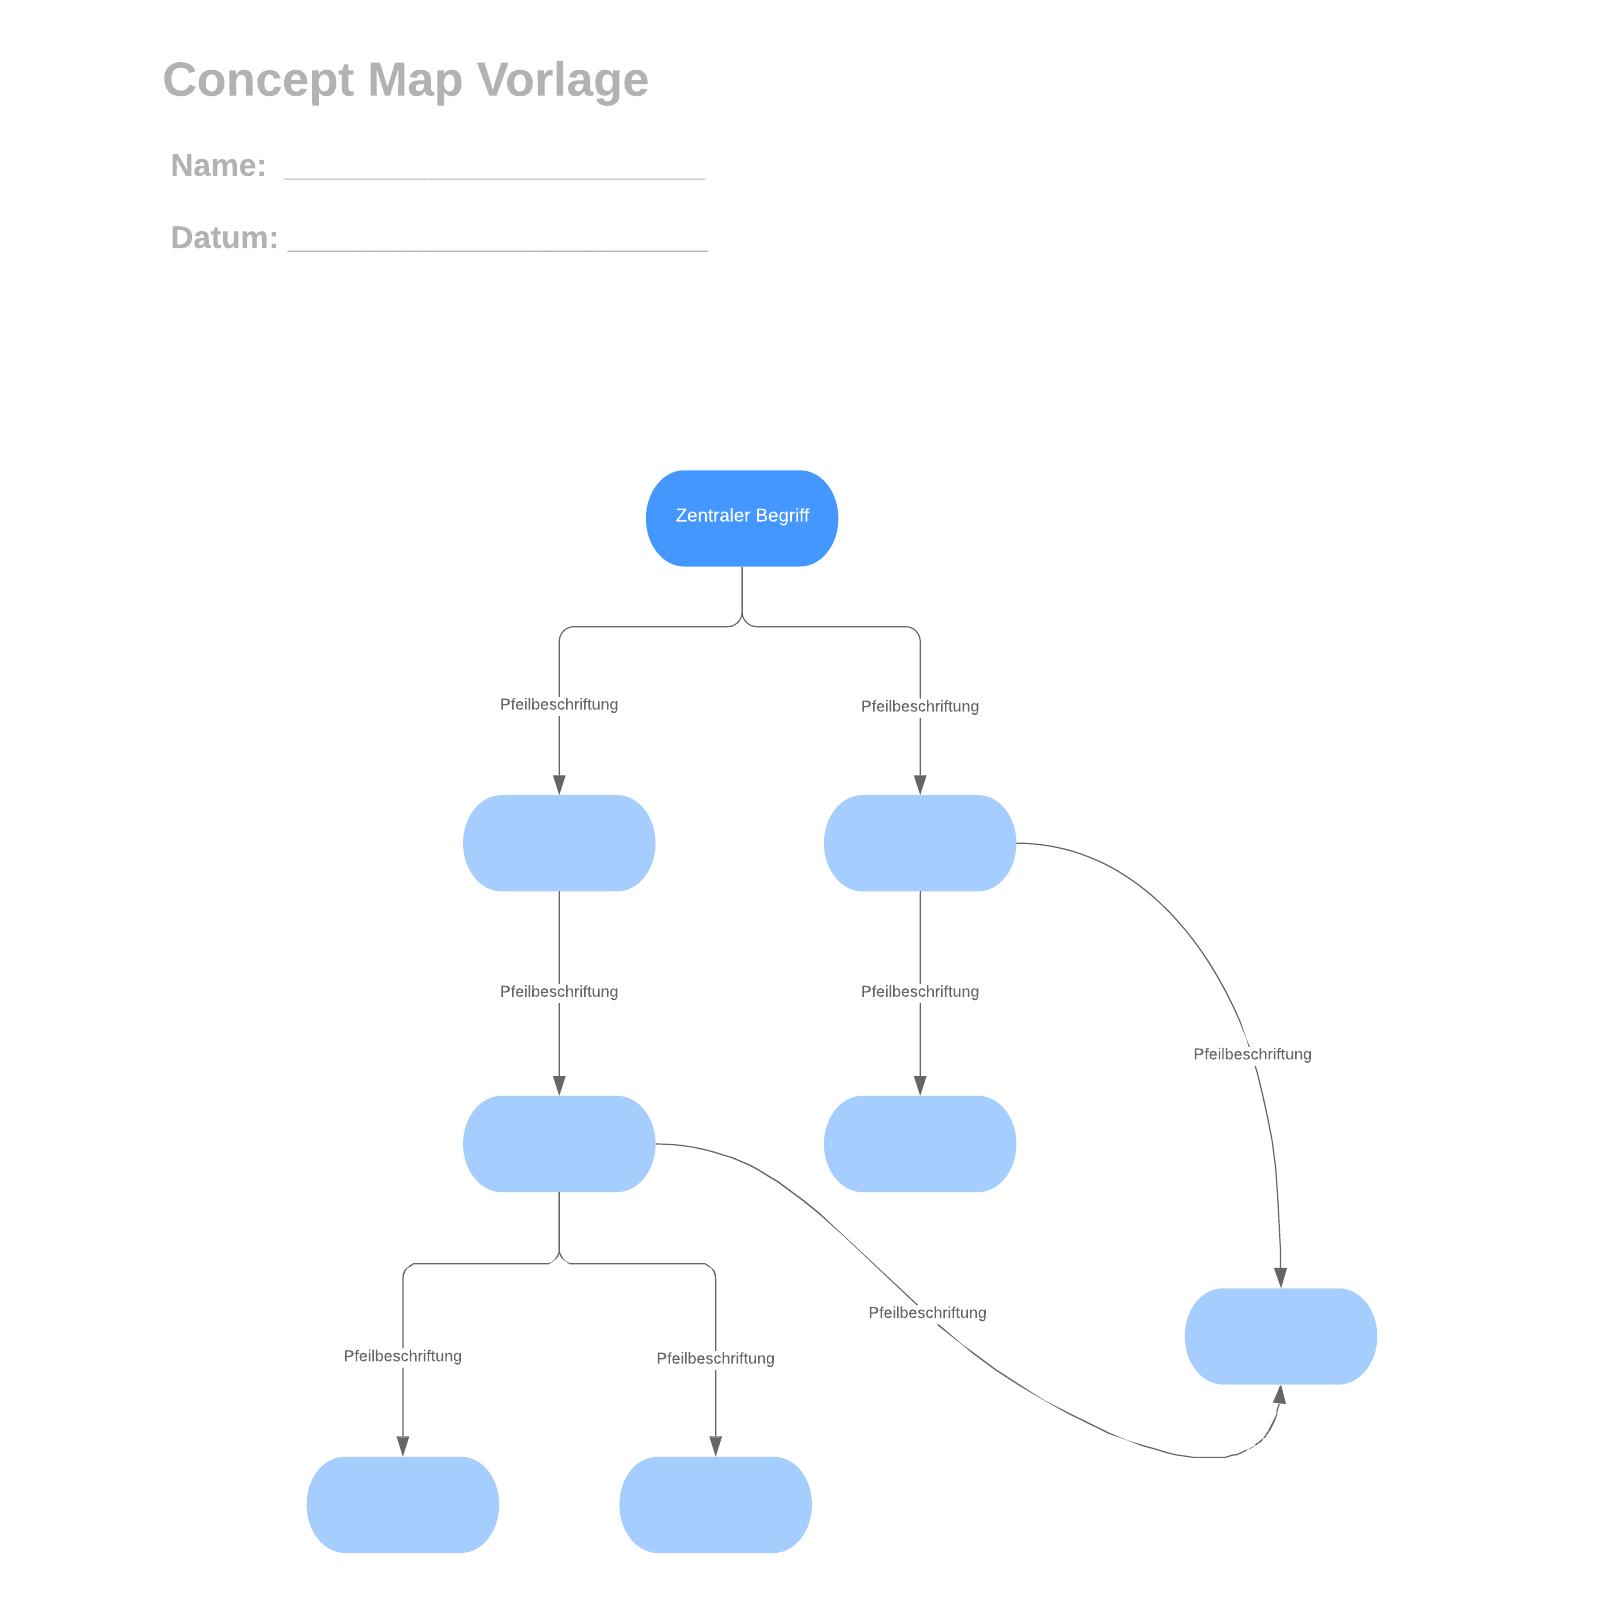 Concept Map Vorlage